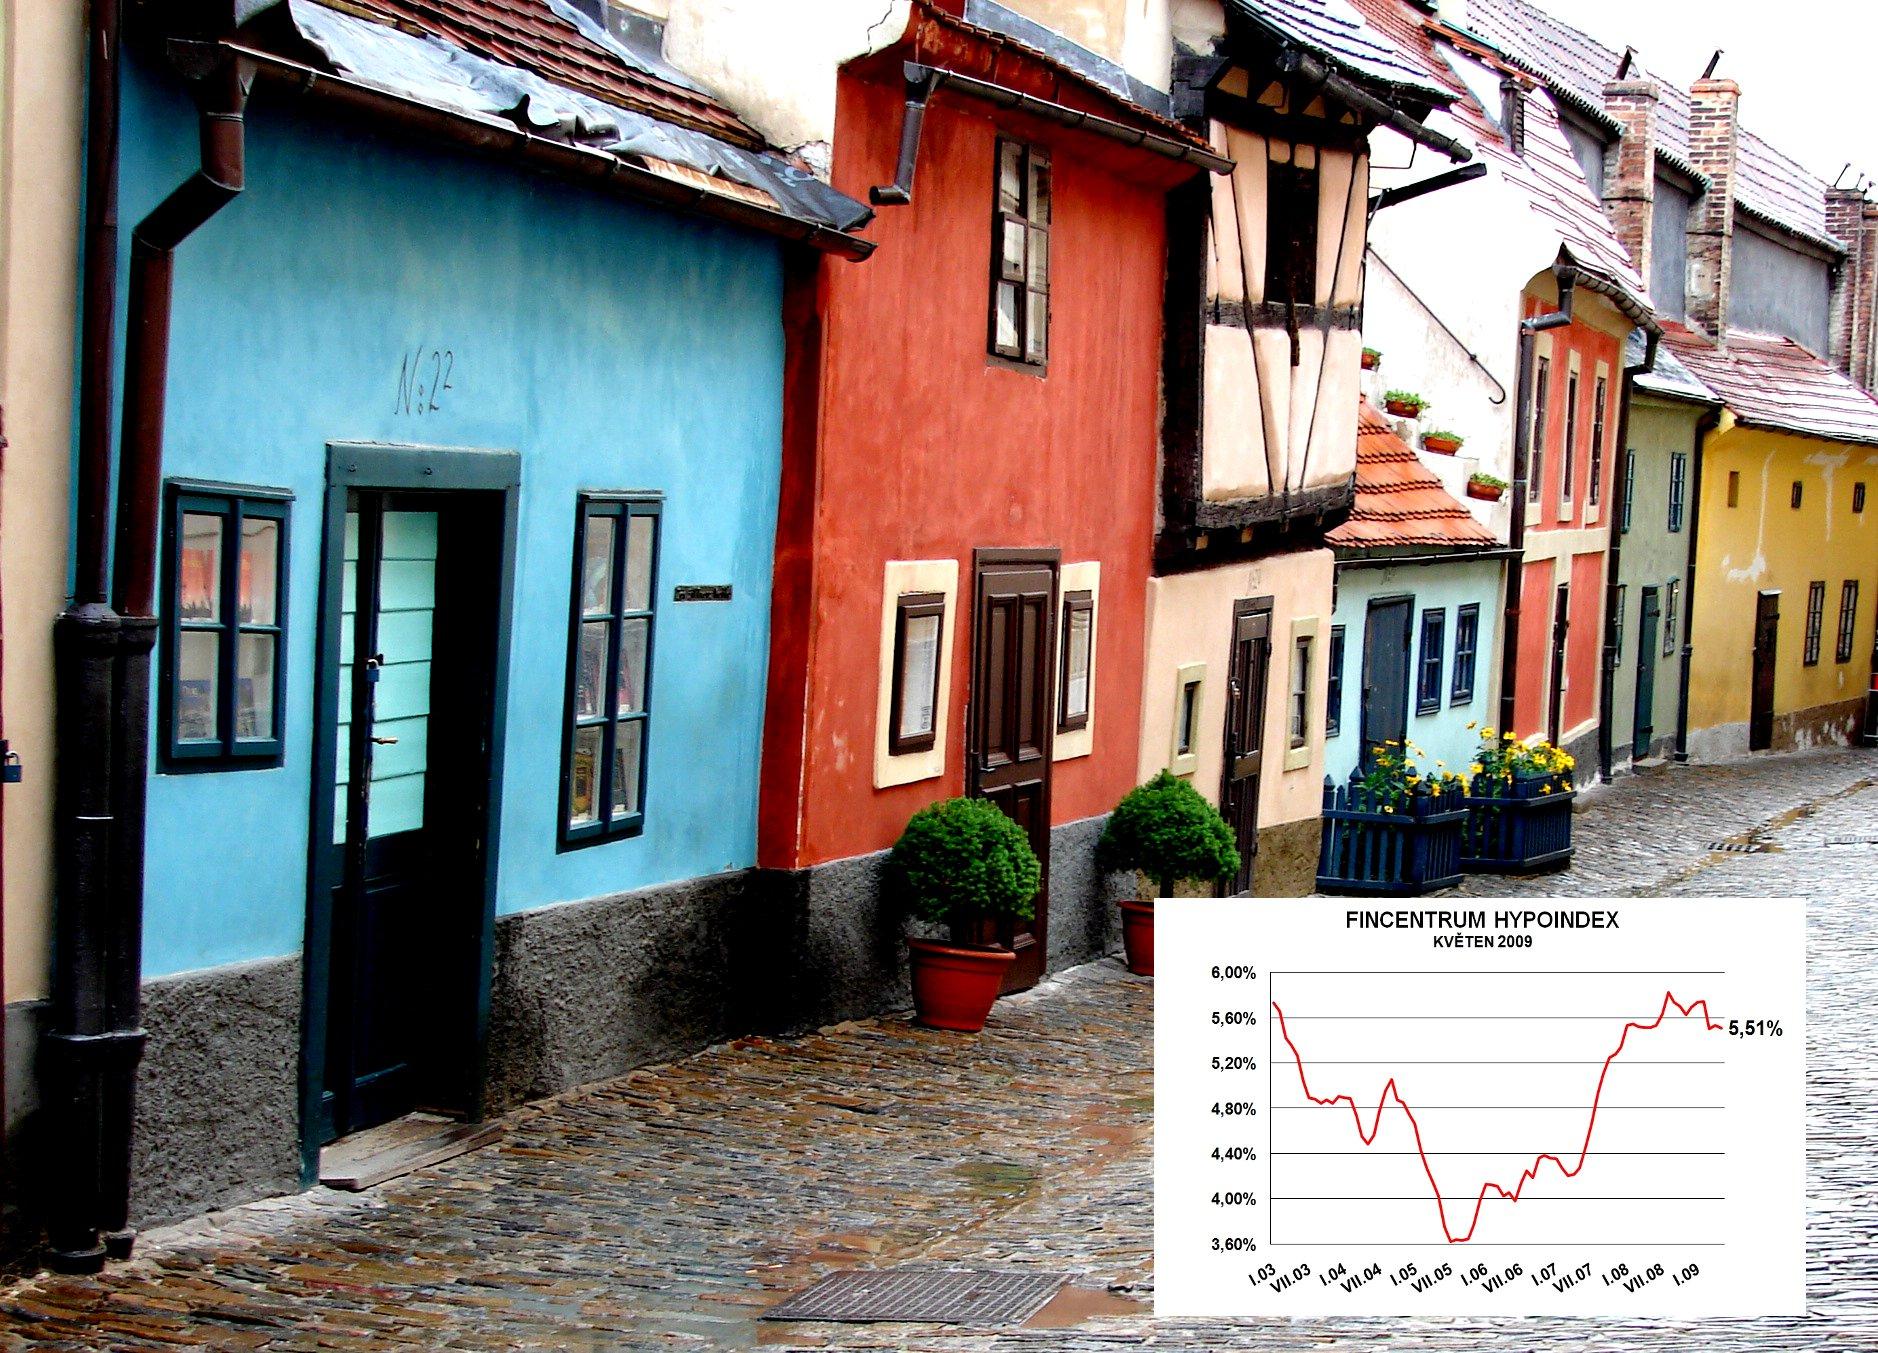 Hypoindex květen 2009: Zájem klientů o tříleté fixace roste